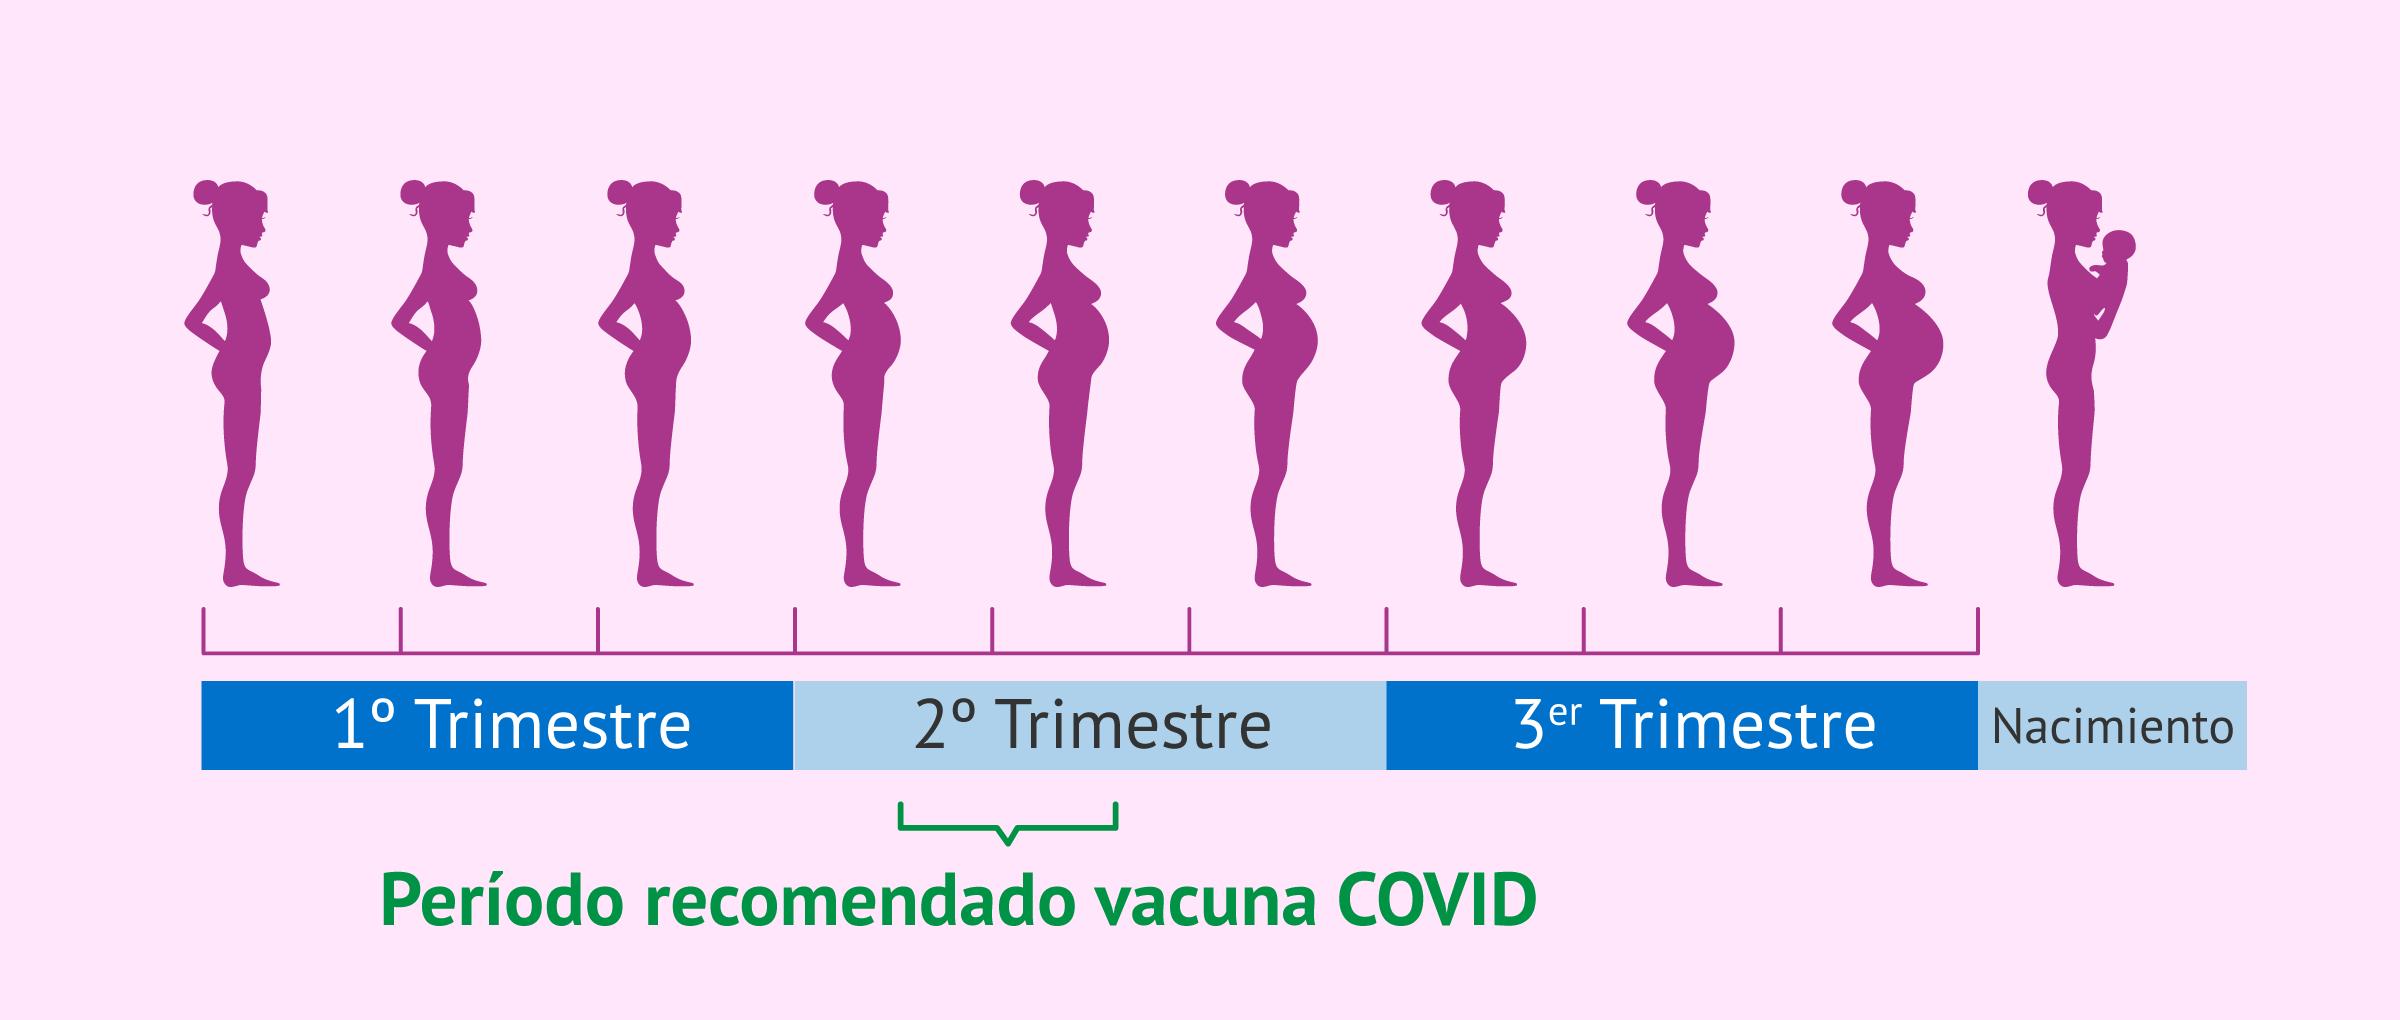 ¿Es recomendable vacunarse para la COVID-19 en el embarazo?